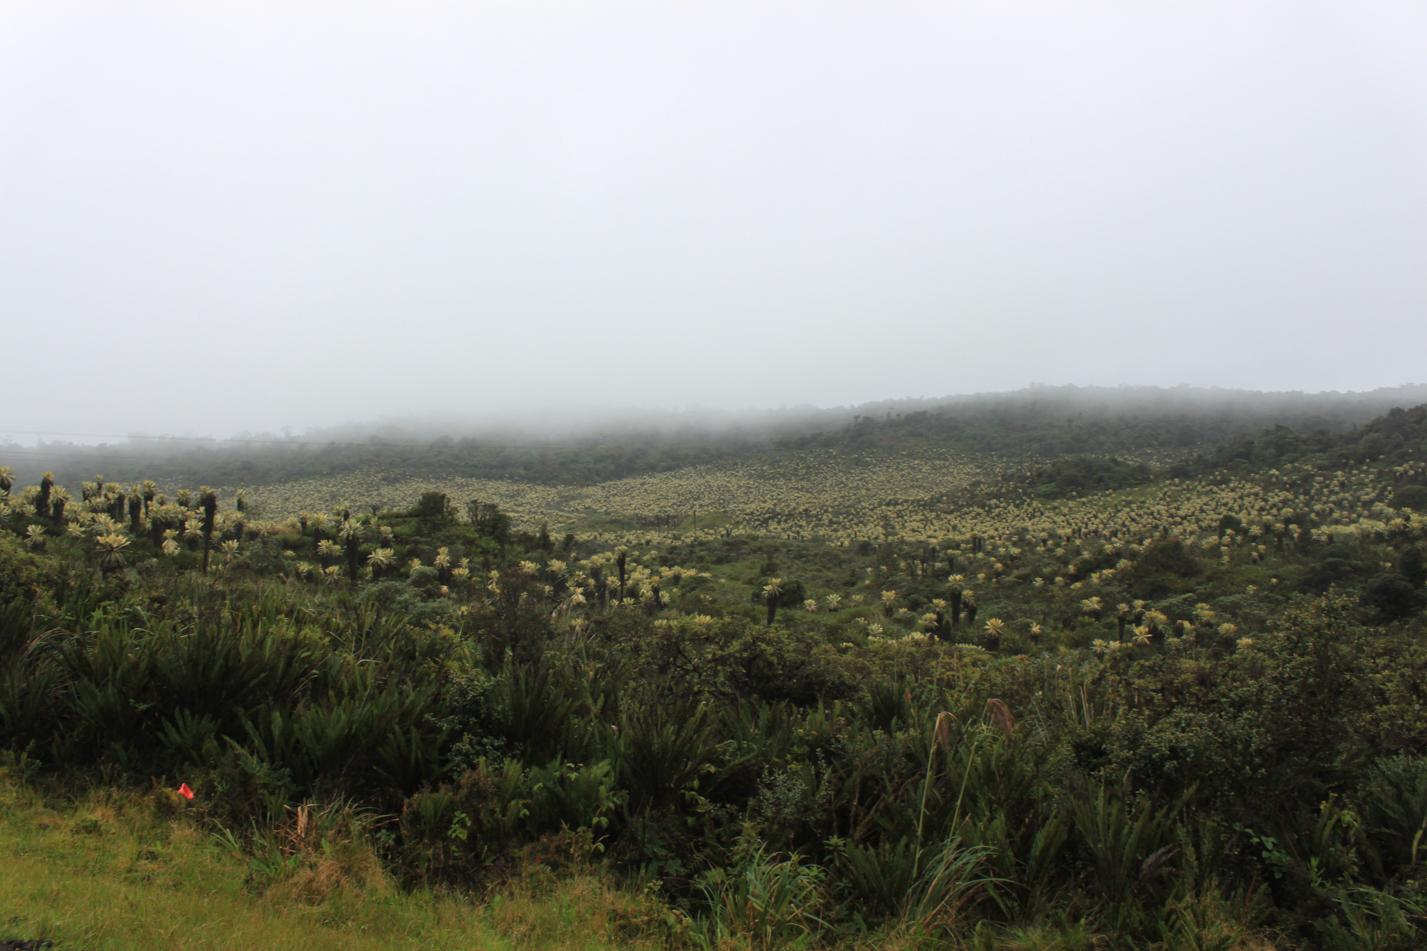 Auf dem höchstem Punkt lichtete sich der Nebel kurz und wir bekamen eine tolle Aussicht auf die Bergvegetation geboten.